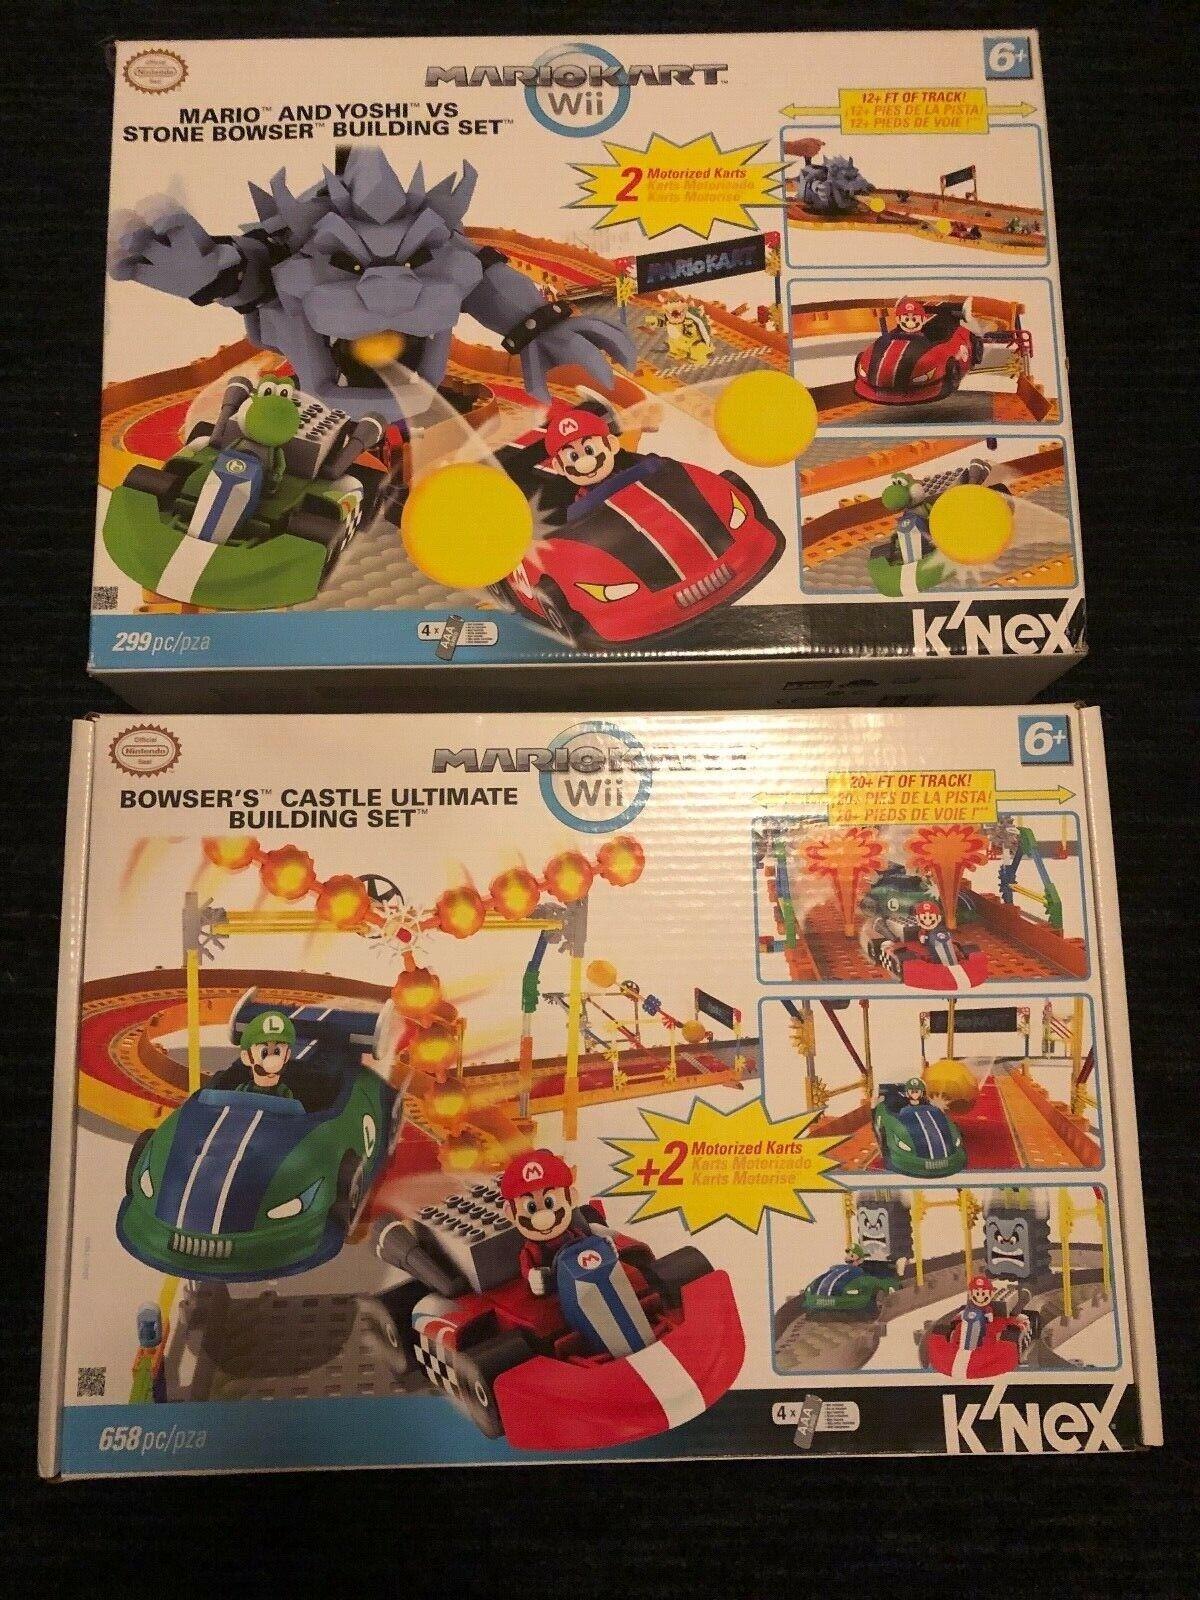 Lote de 15 diferentes conjuntos de K 'nex Mario Kart Wii, Piedra Bowser Ultimate Castillo, nuevo